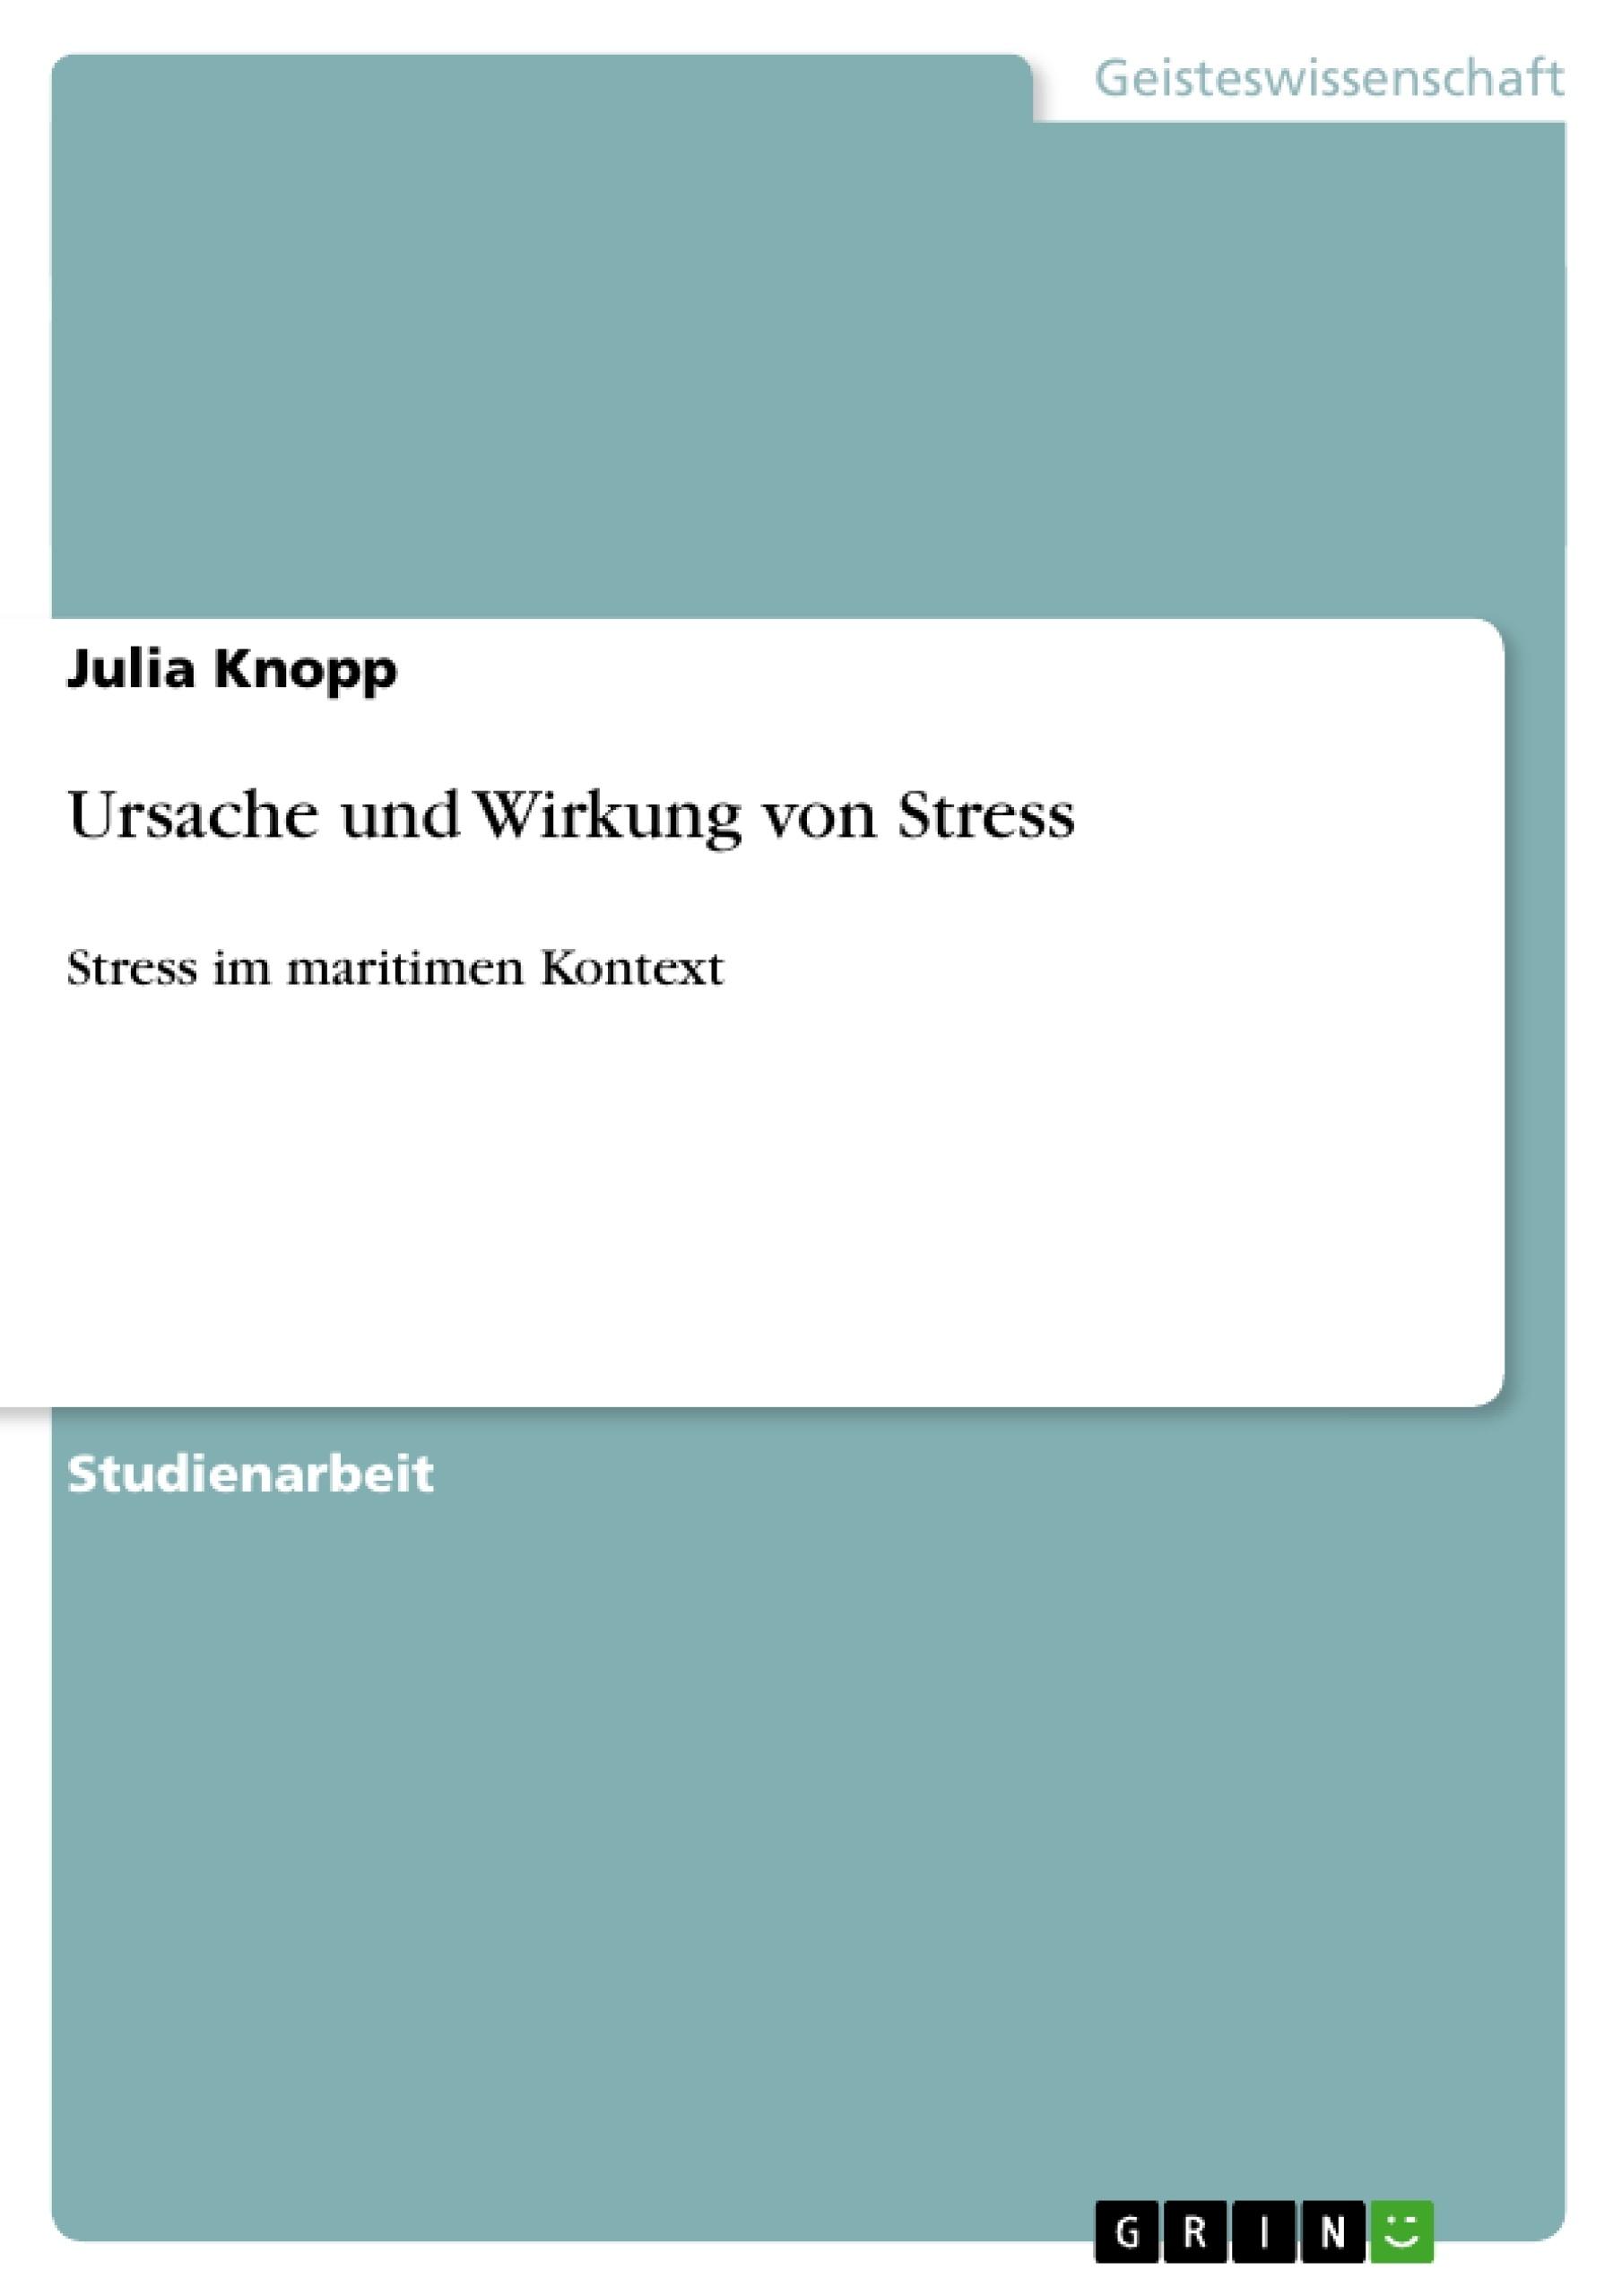 Titel: Ursache und Wirkung von Stress